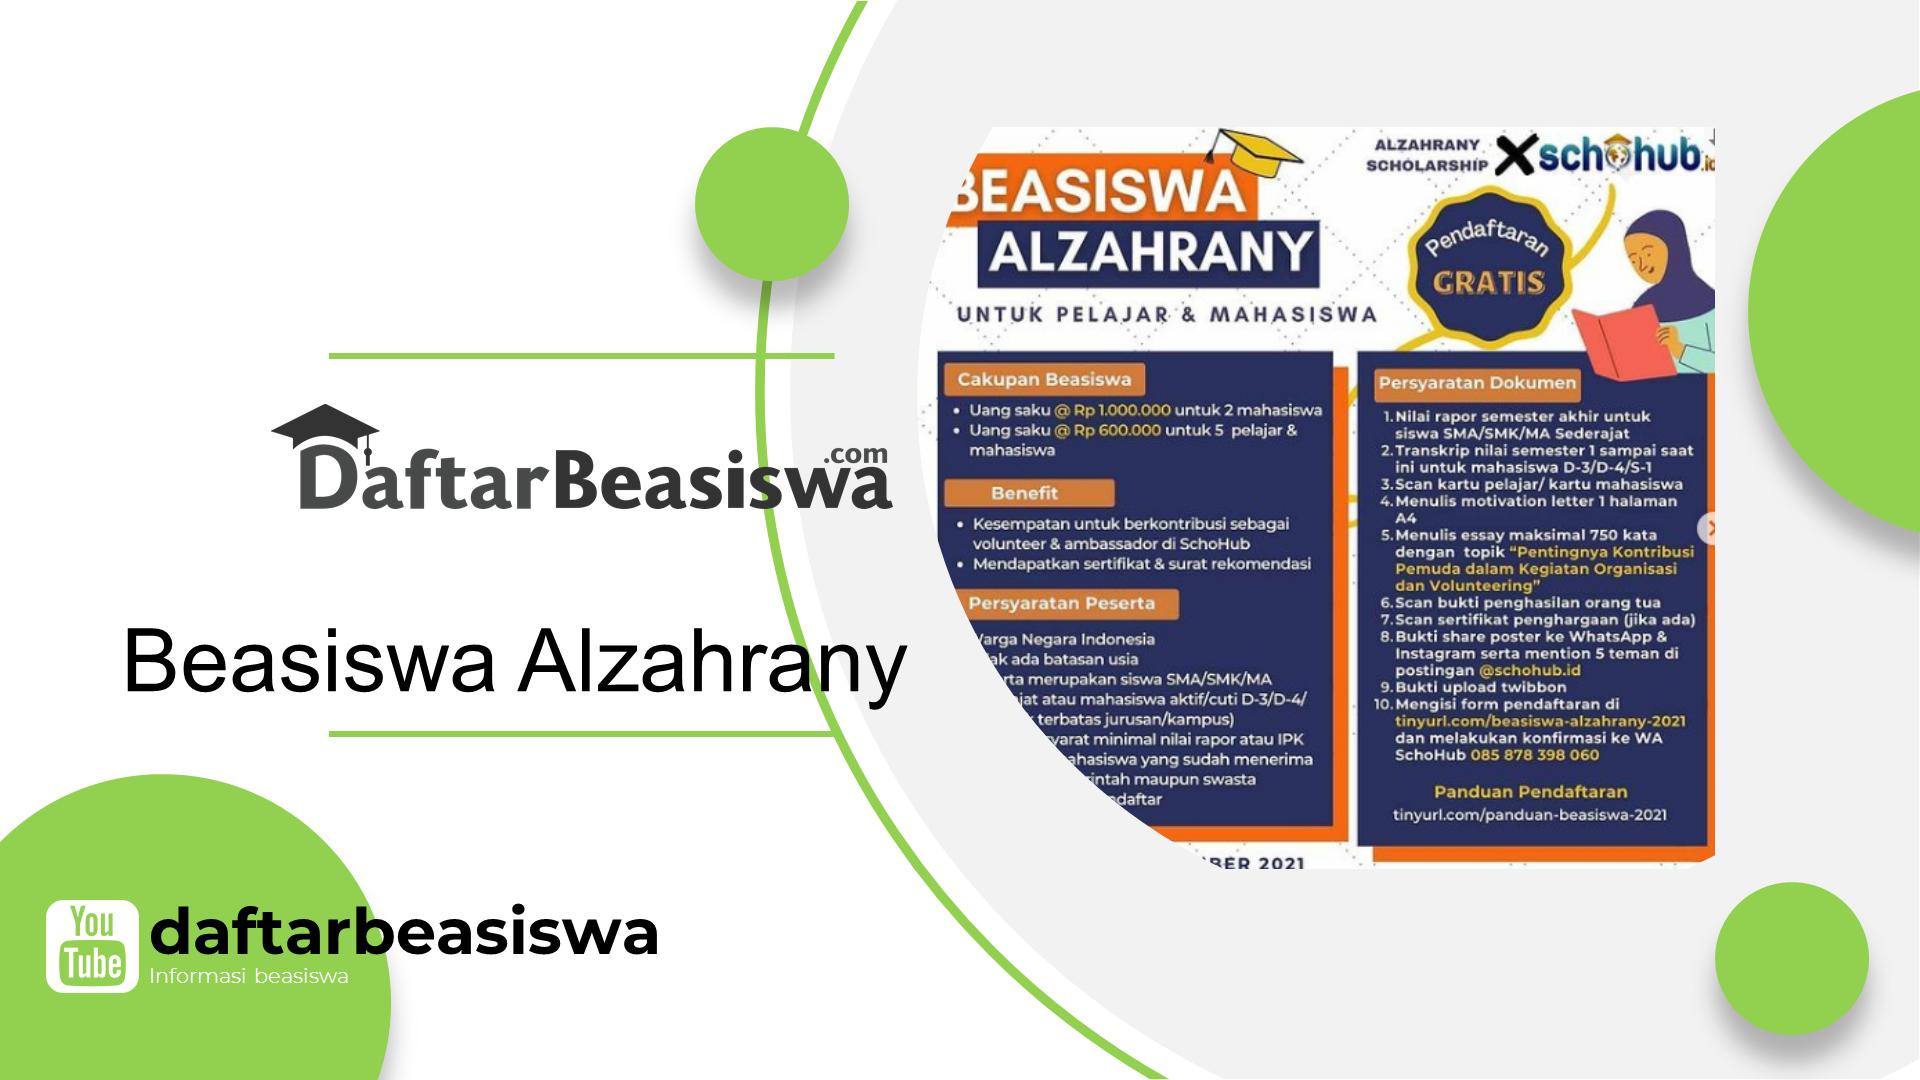 Beasiswa Alzahrany